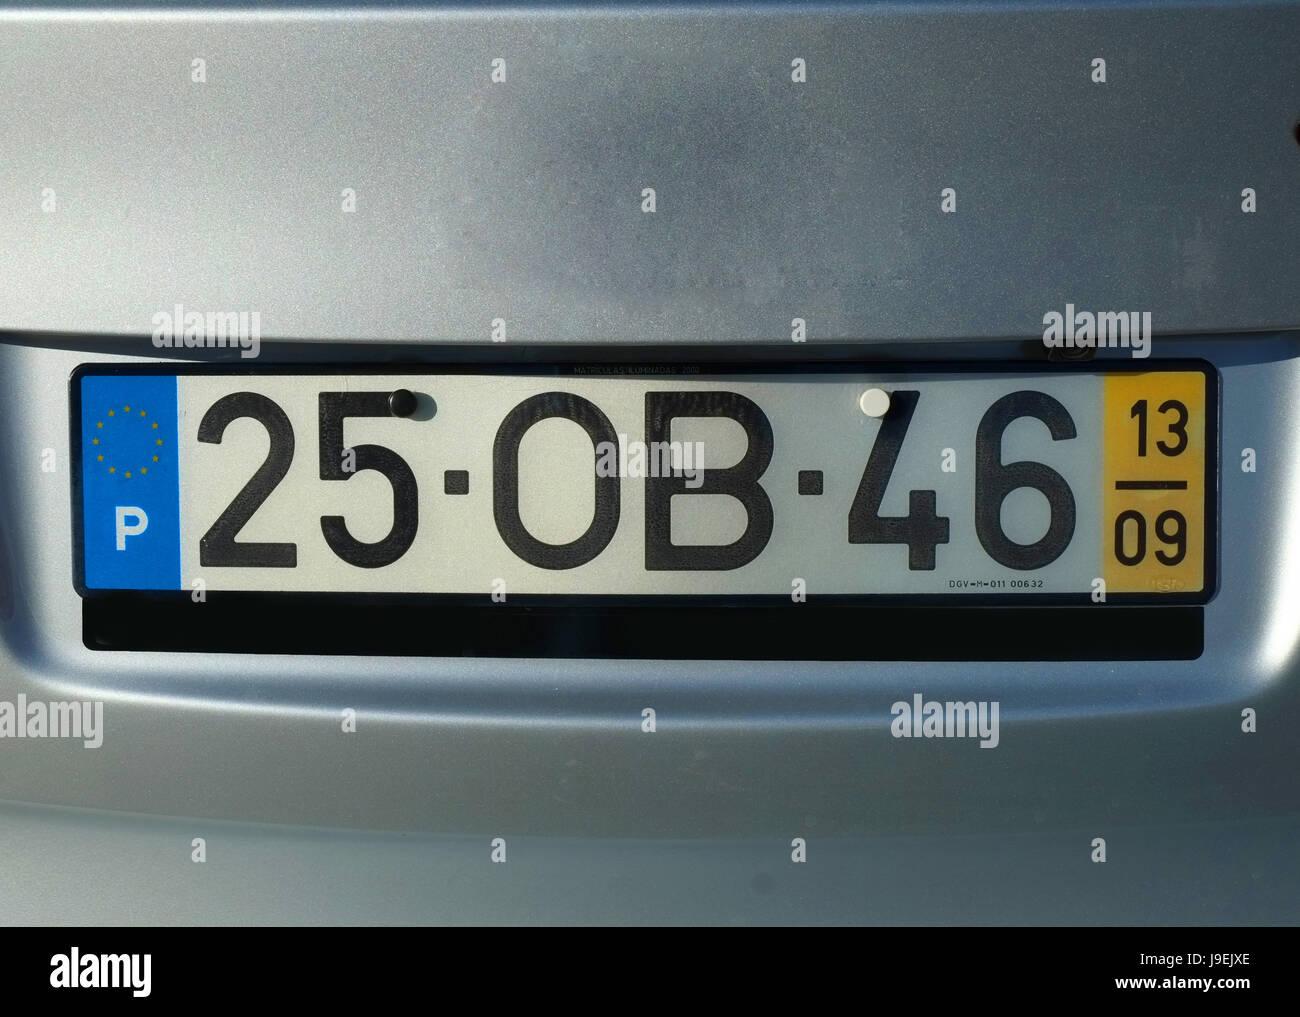 Großzügig Tesla Kfz Kennzeichenrahmen Fotos - Benutzerdefinierte ...